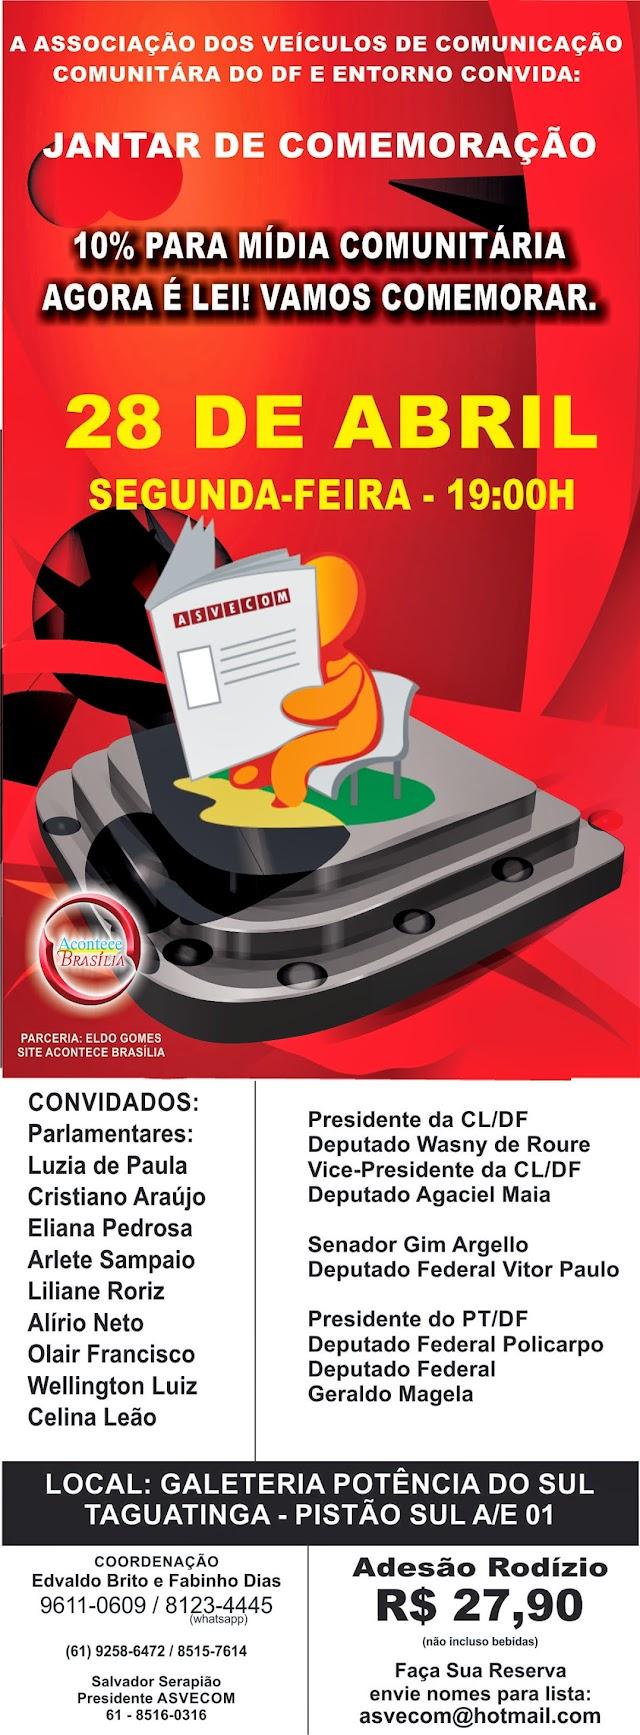 ASVECOM CONVIDA PARA: JANTAR  DE COMEMORAÇÃO NA GALETERIA POTÊNCIA DO SUL: 10% PARA OS COMUNITÁRIOS AGORA É LEI (PELO 51/2013)